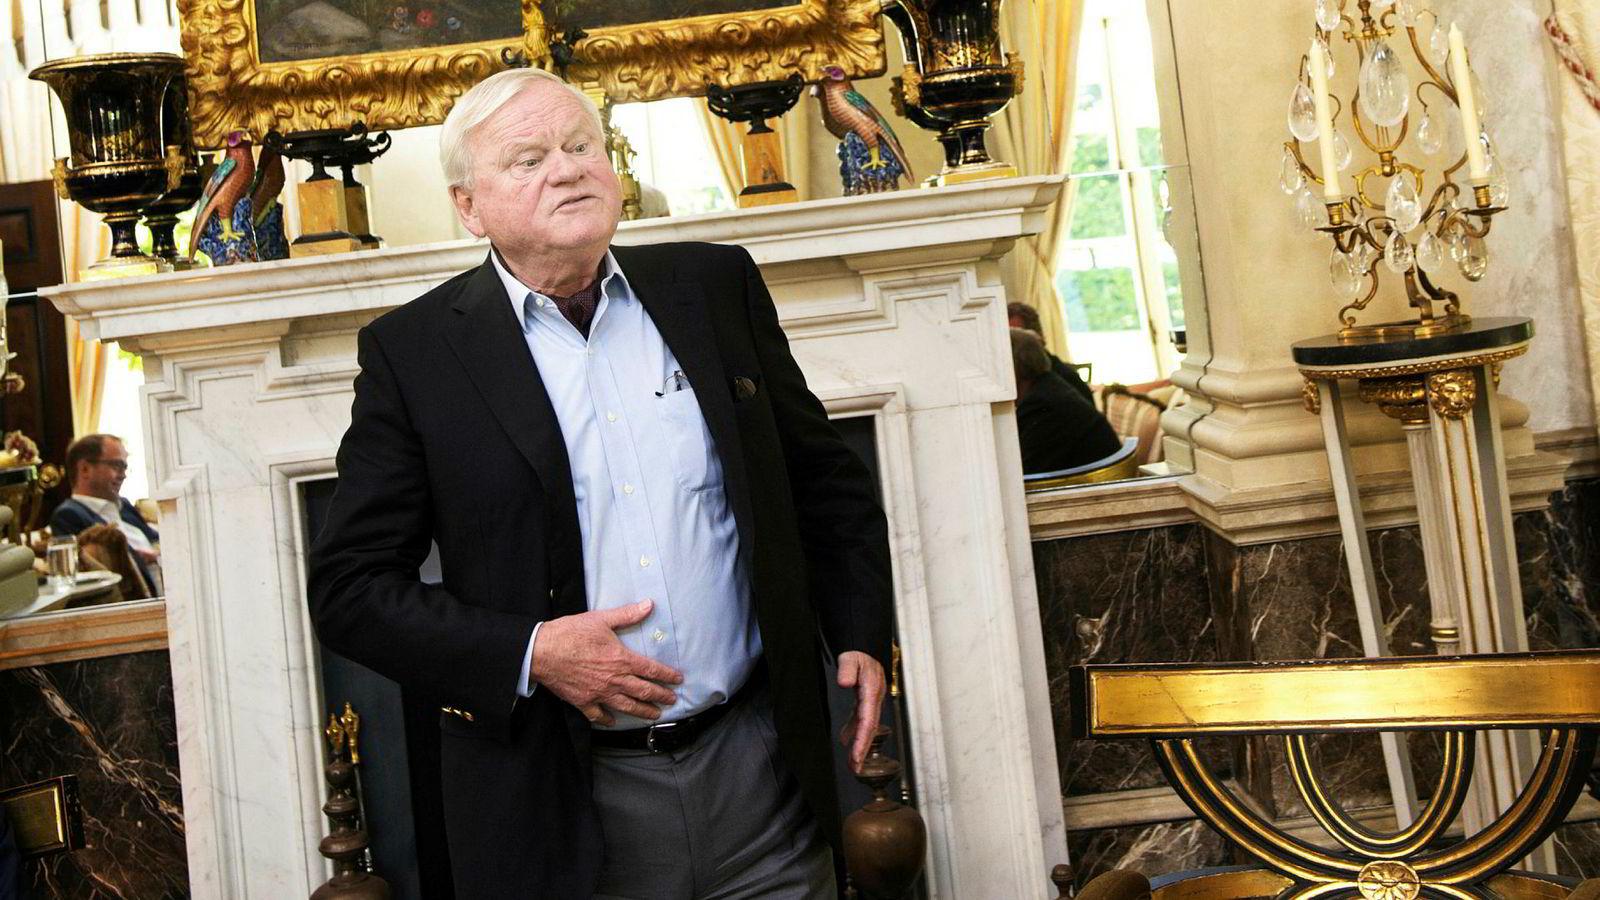 Den kypriotiske statsborgeren John Fredriksen, her fotografert i sitt hjem i London, er en av dem som tjener fett på at norske politikere ikke beskatter grunnrenten i havbruk.